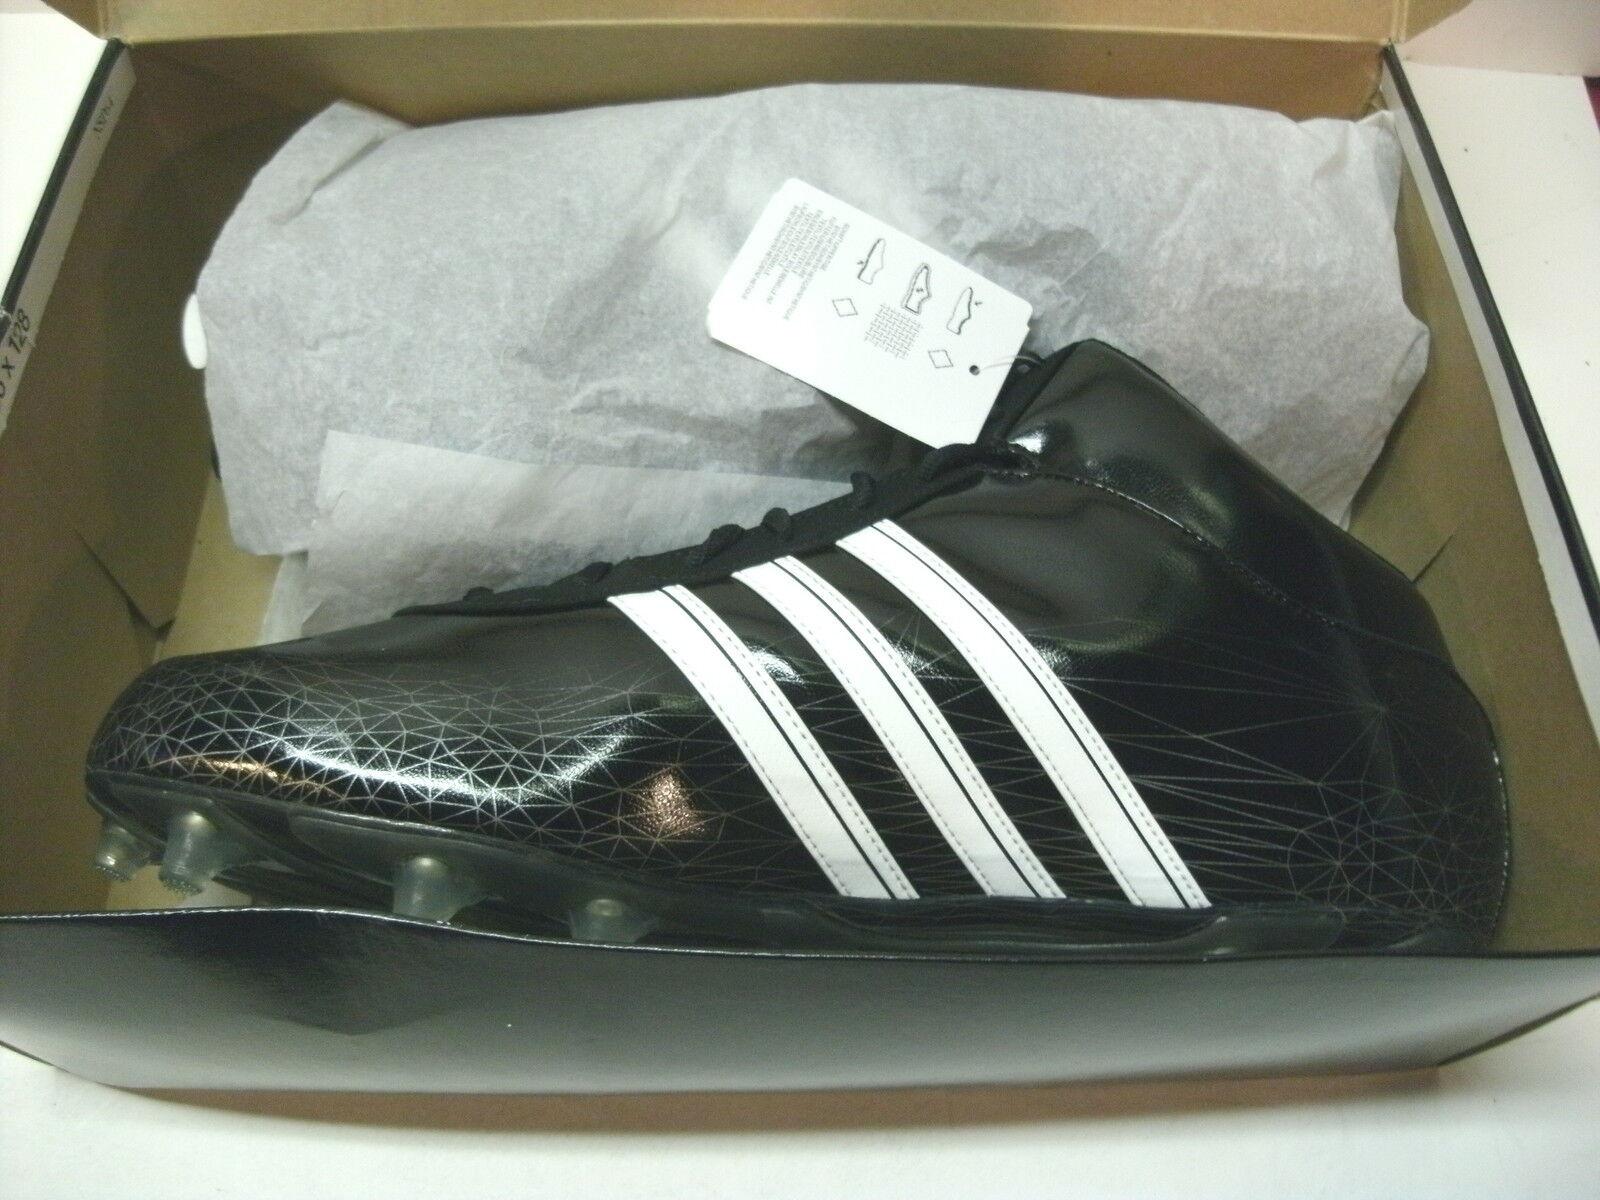 Adidas Scorch 7 7 7 Fly Mid Hombre football soccer lacrosse cleats, tamaño 16, el mas popular de zapatos para hombres y mujeres cf2043